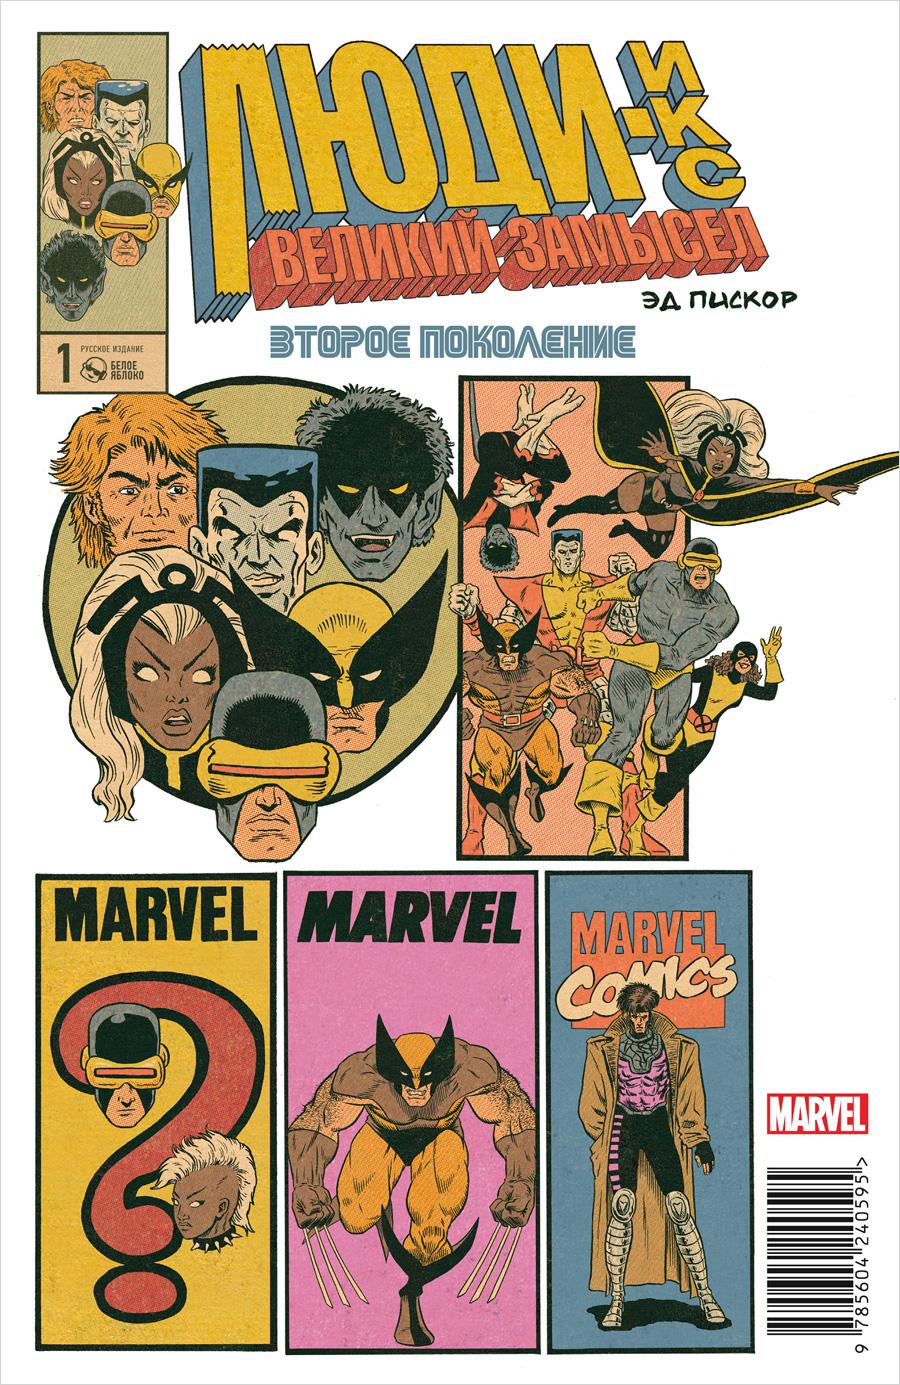 Комикс Люди Икс: Великий замысел – Второе поколение №1. Альтернативная обложка Ярлыки фото